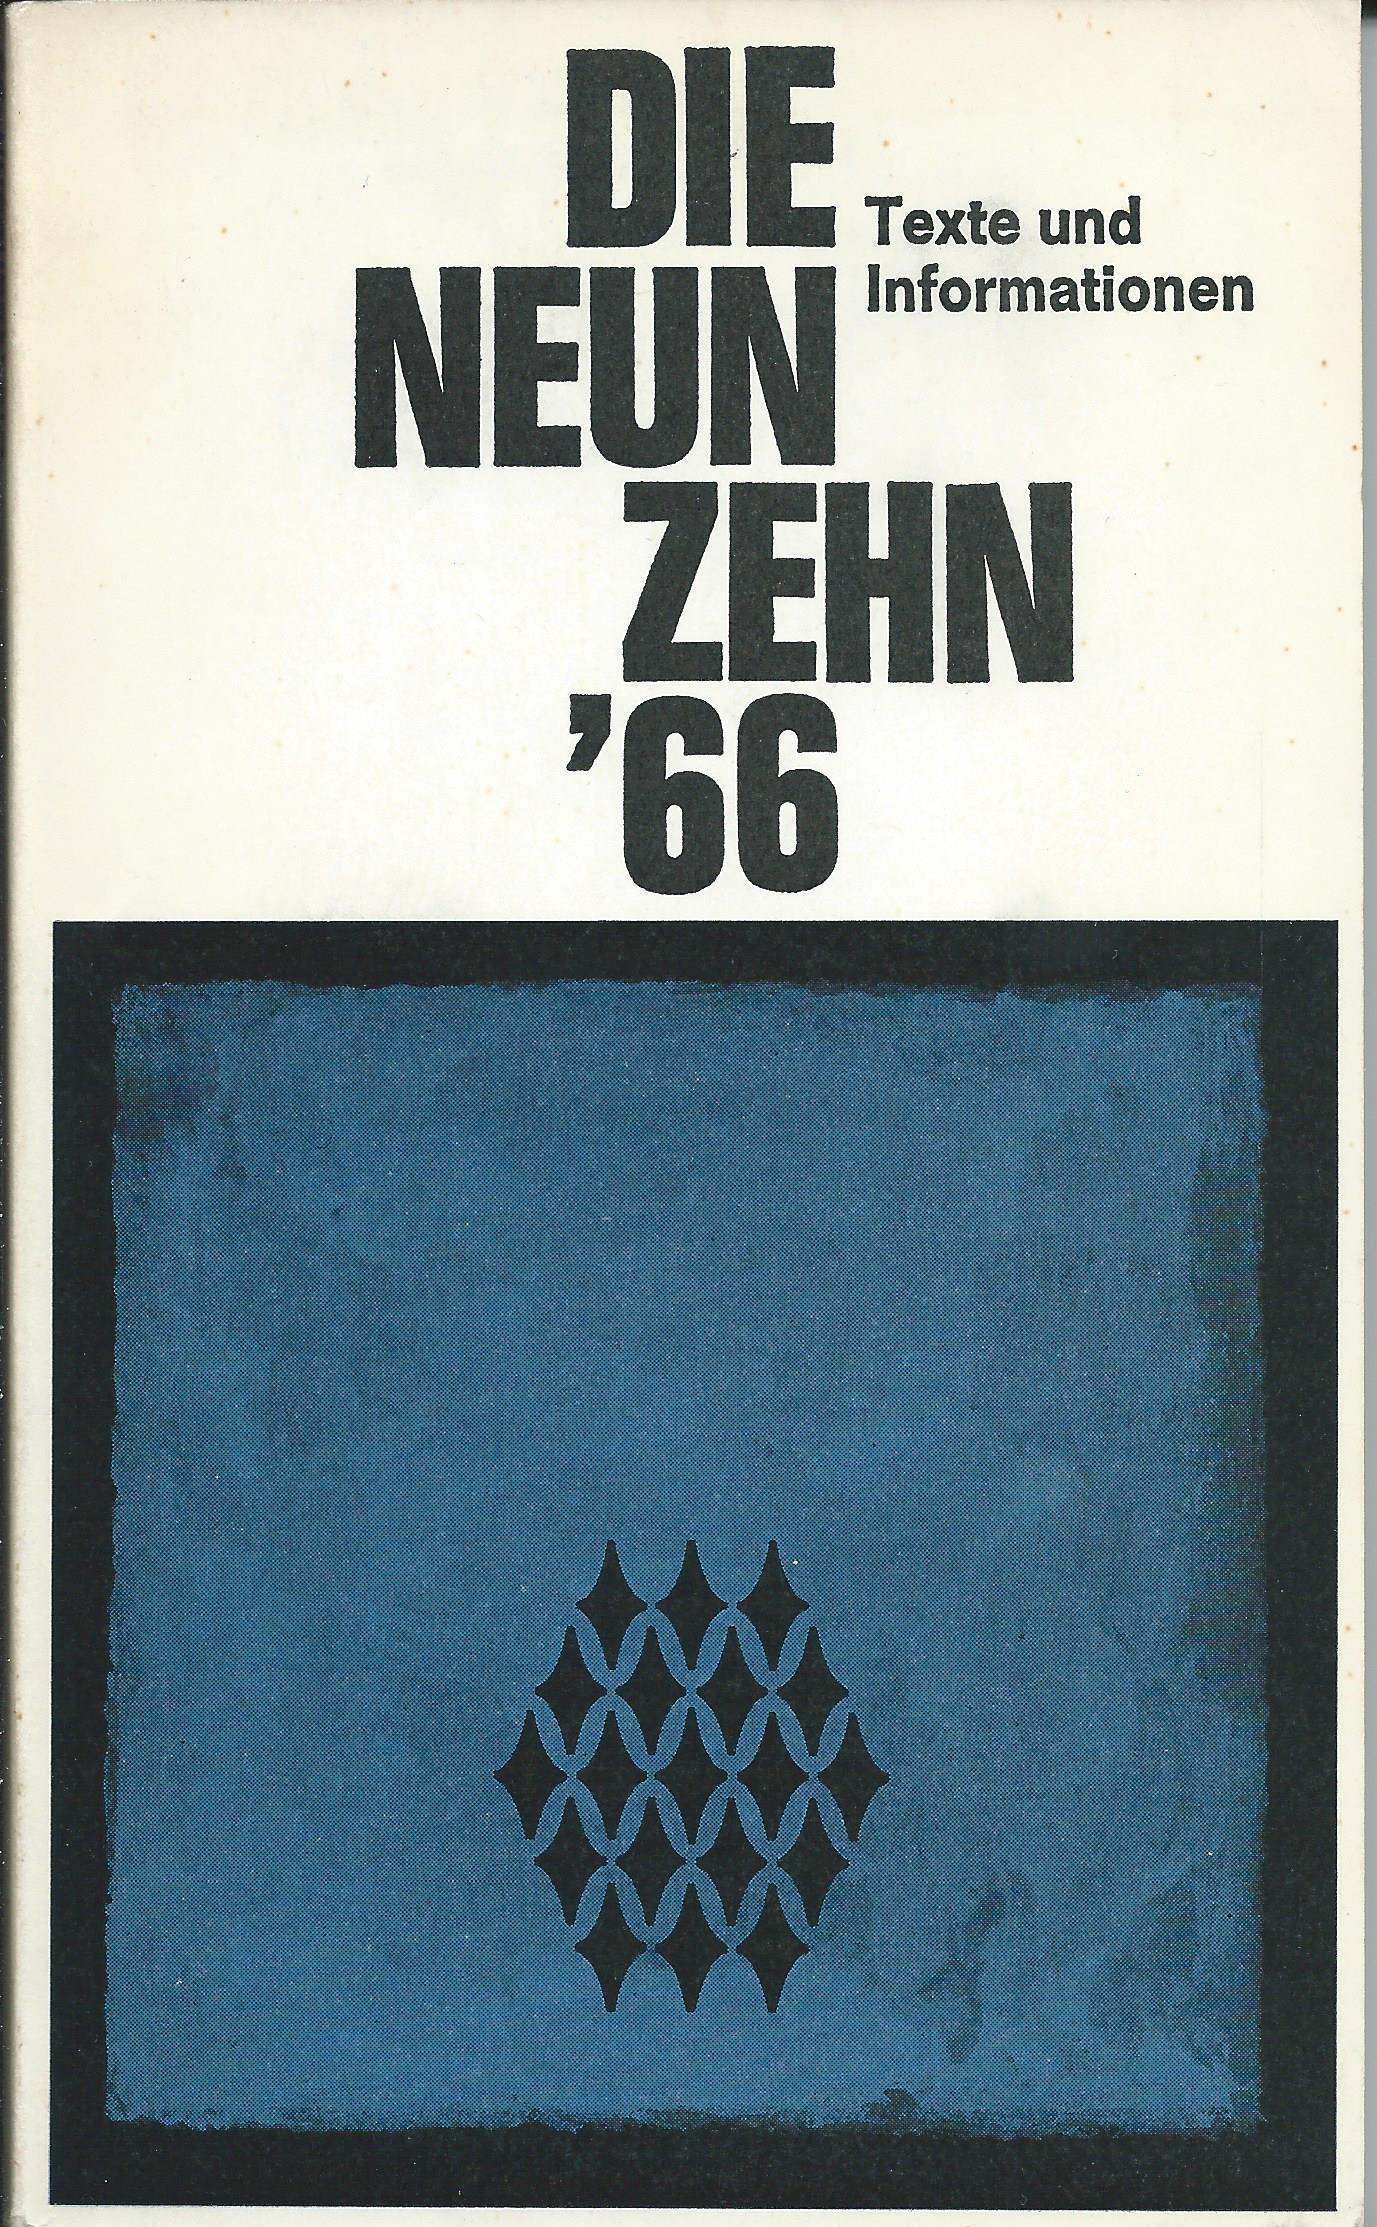 Die Neunzehn '66